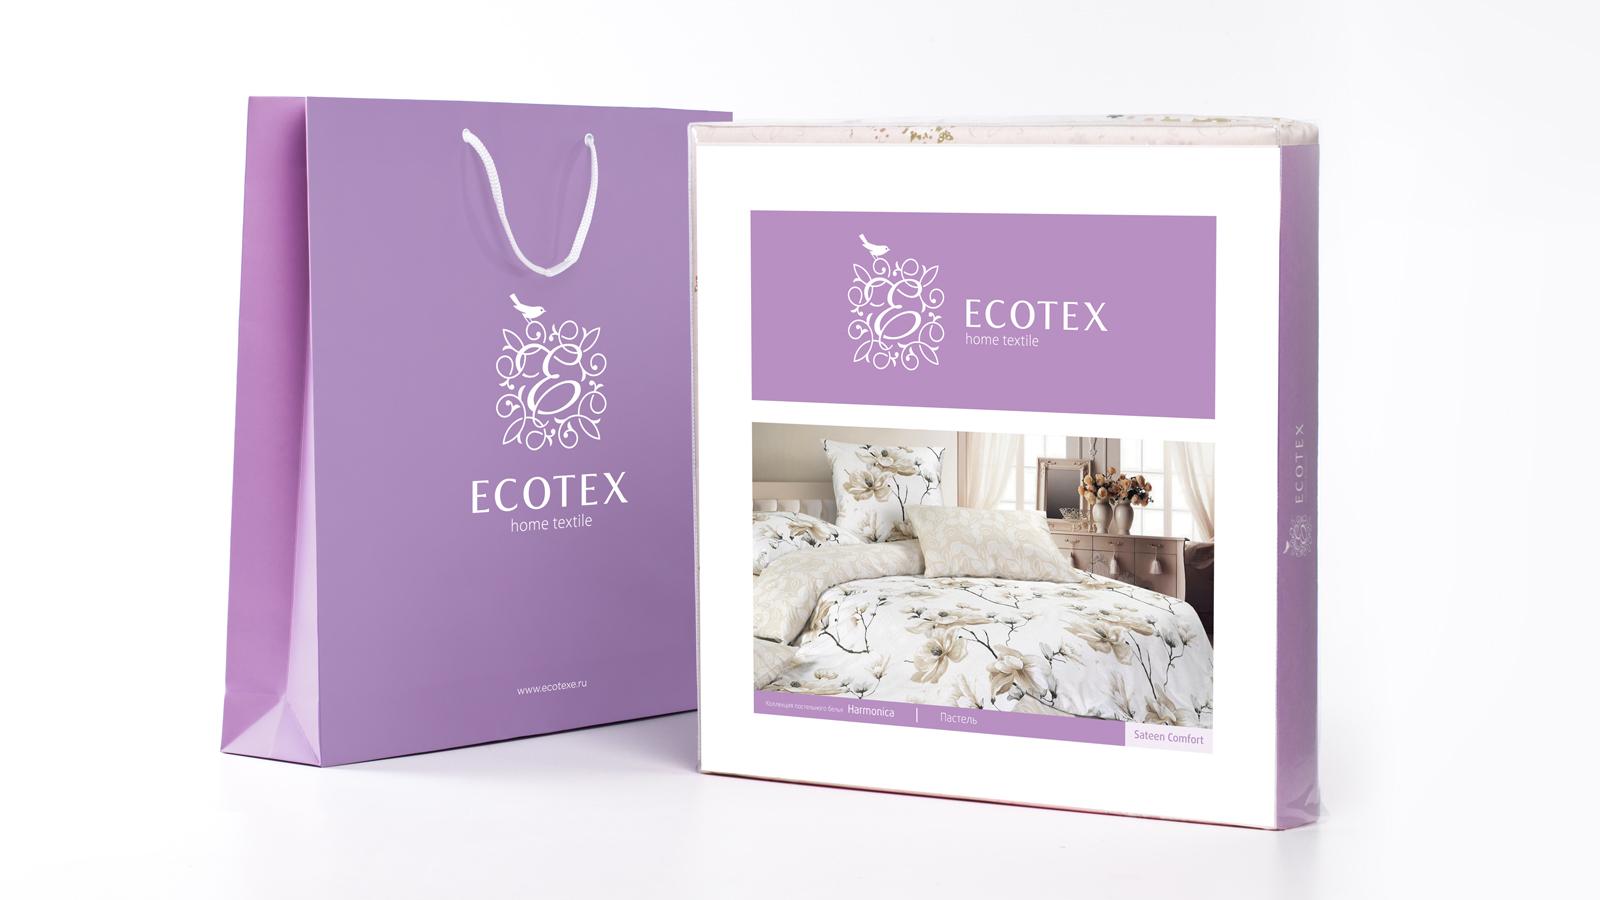 Обновленный фирменный стиль Ecotex формирует имидж современного европейского бренда